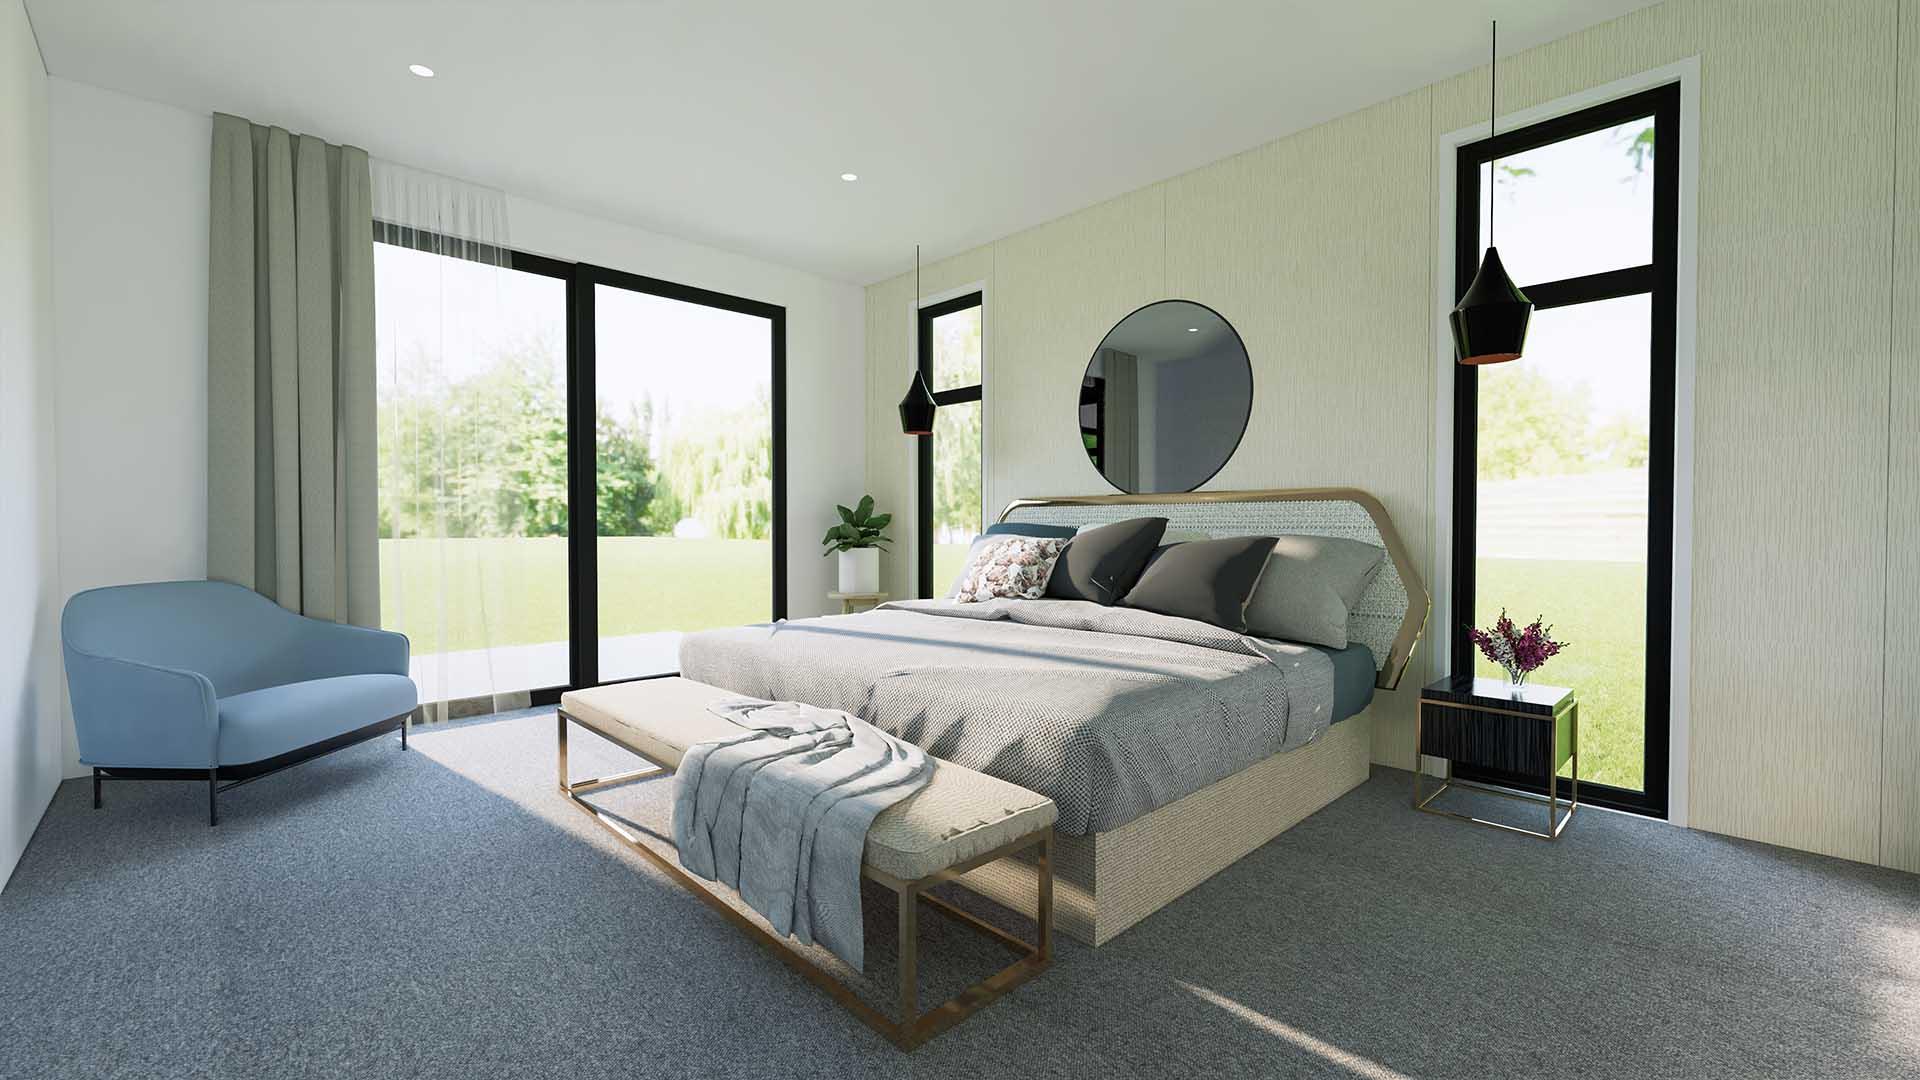 SouthIsland Bedroom